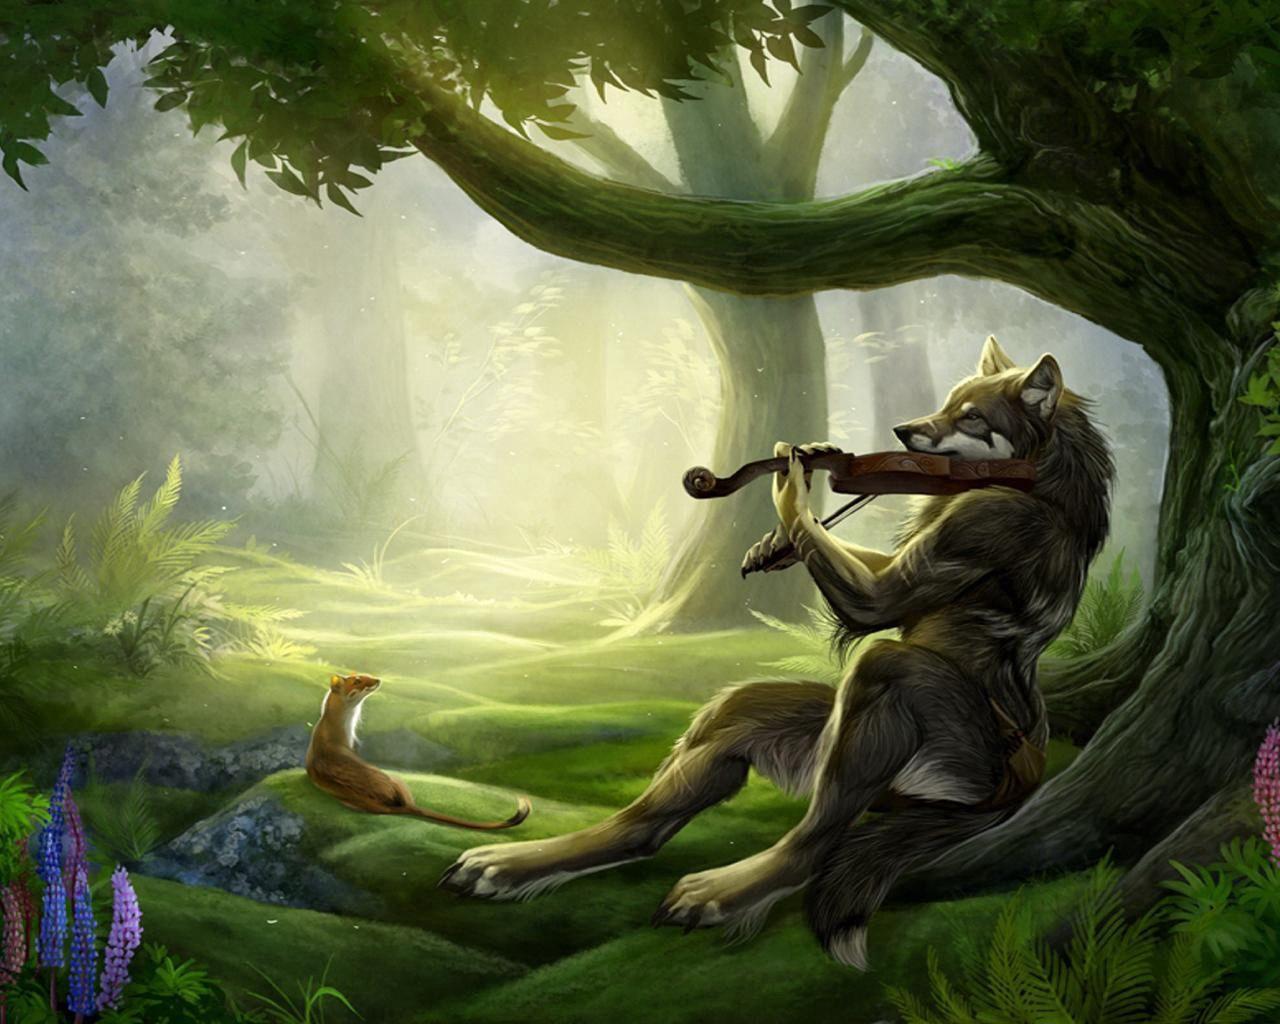 95138 Salvapantallas y fondos de pantalla Música en tu teléfono. Descarga imágenes de Fantasía, Lobo, Violín, Bosque, Música gratis